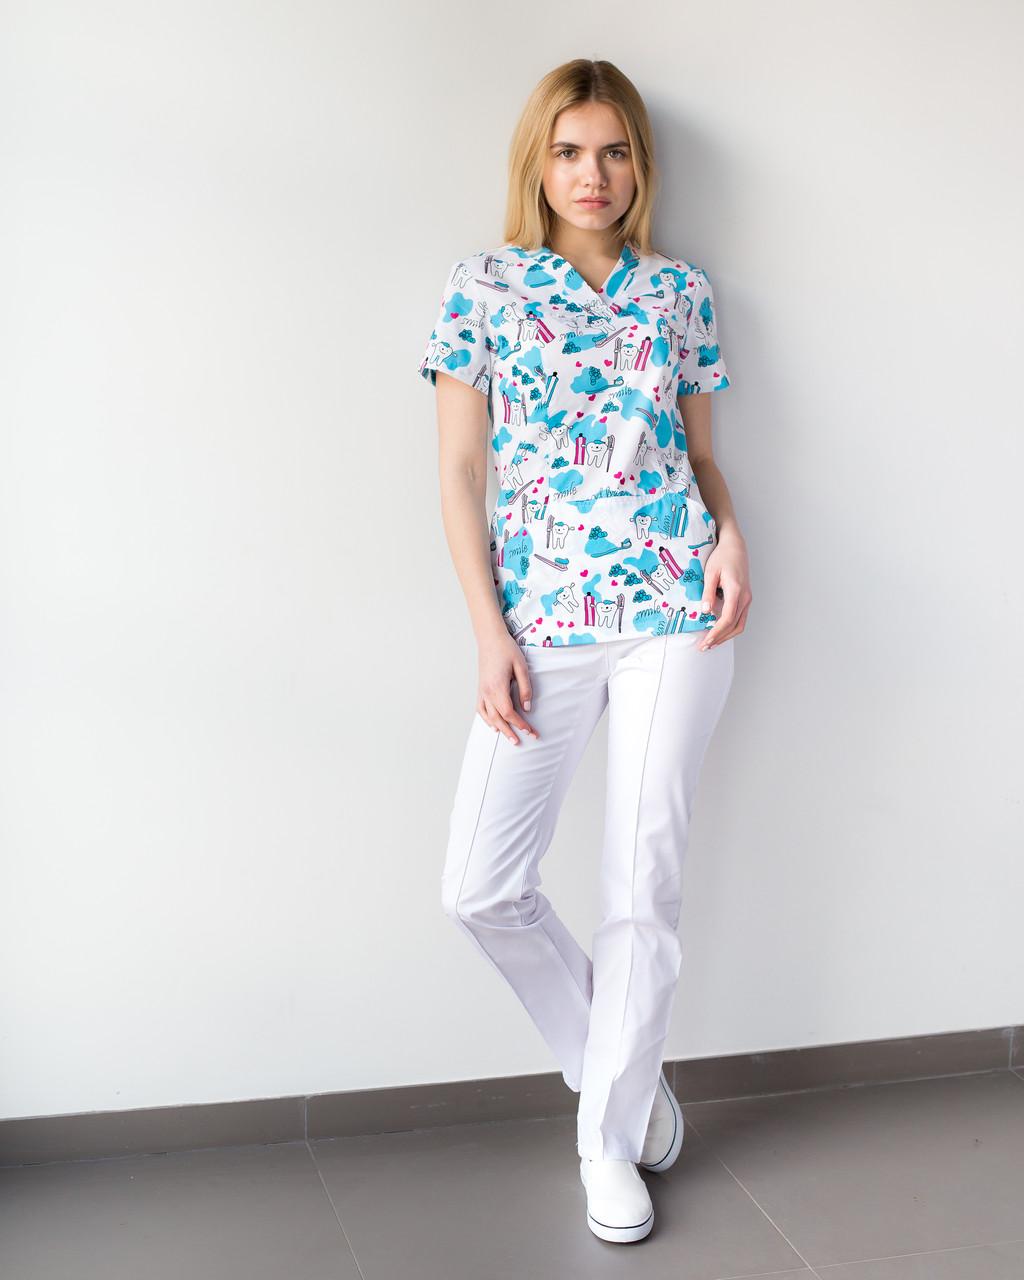 Медицинский женский костюм Топаз принт  Teeth smile